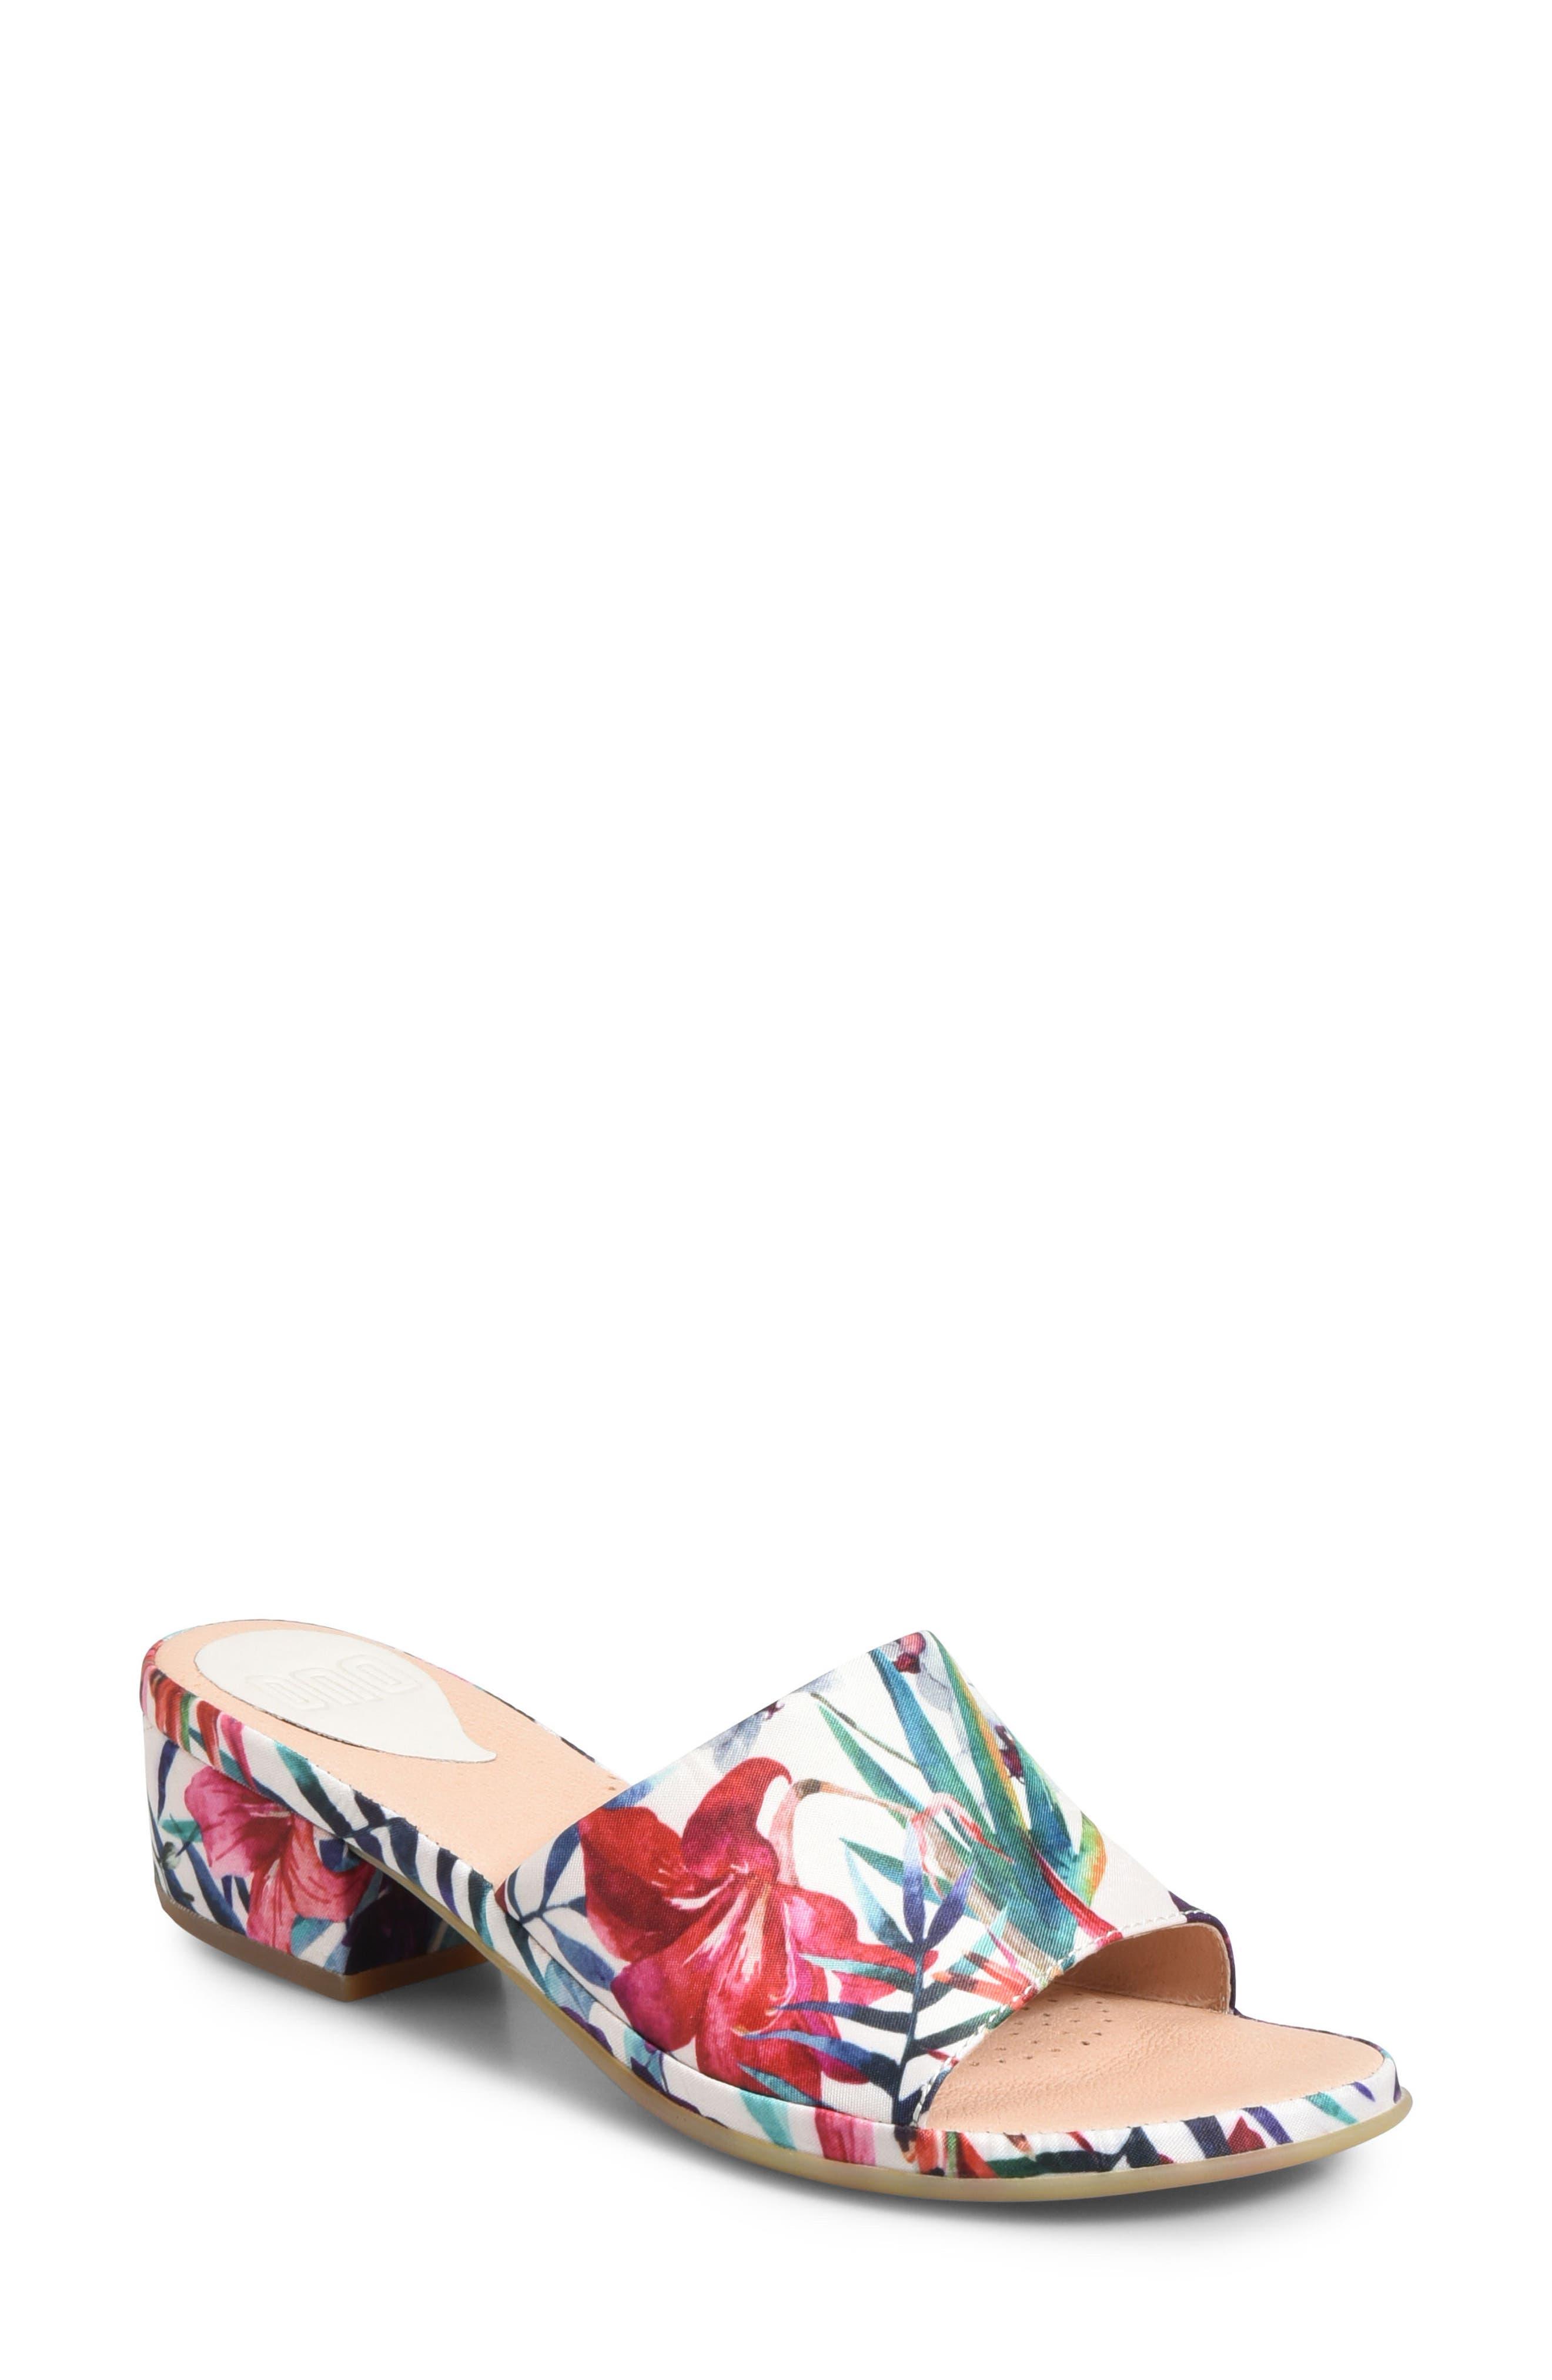 Ono Bo Block Heel Slide Sandal, White